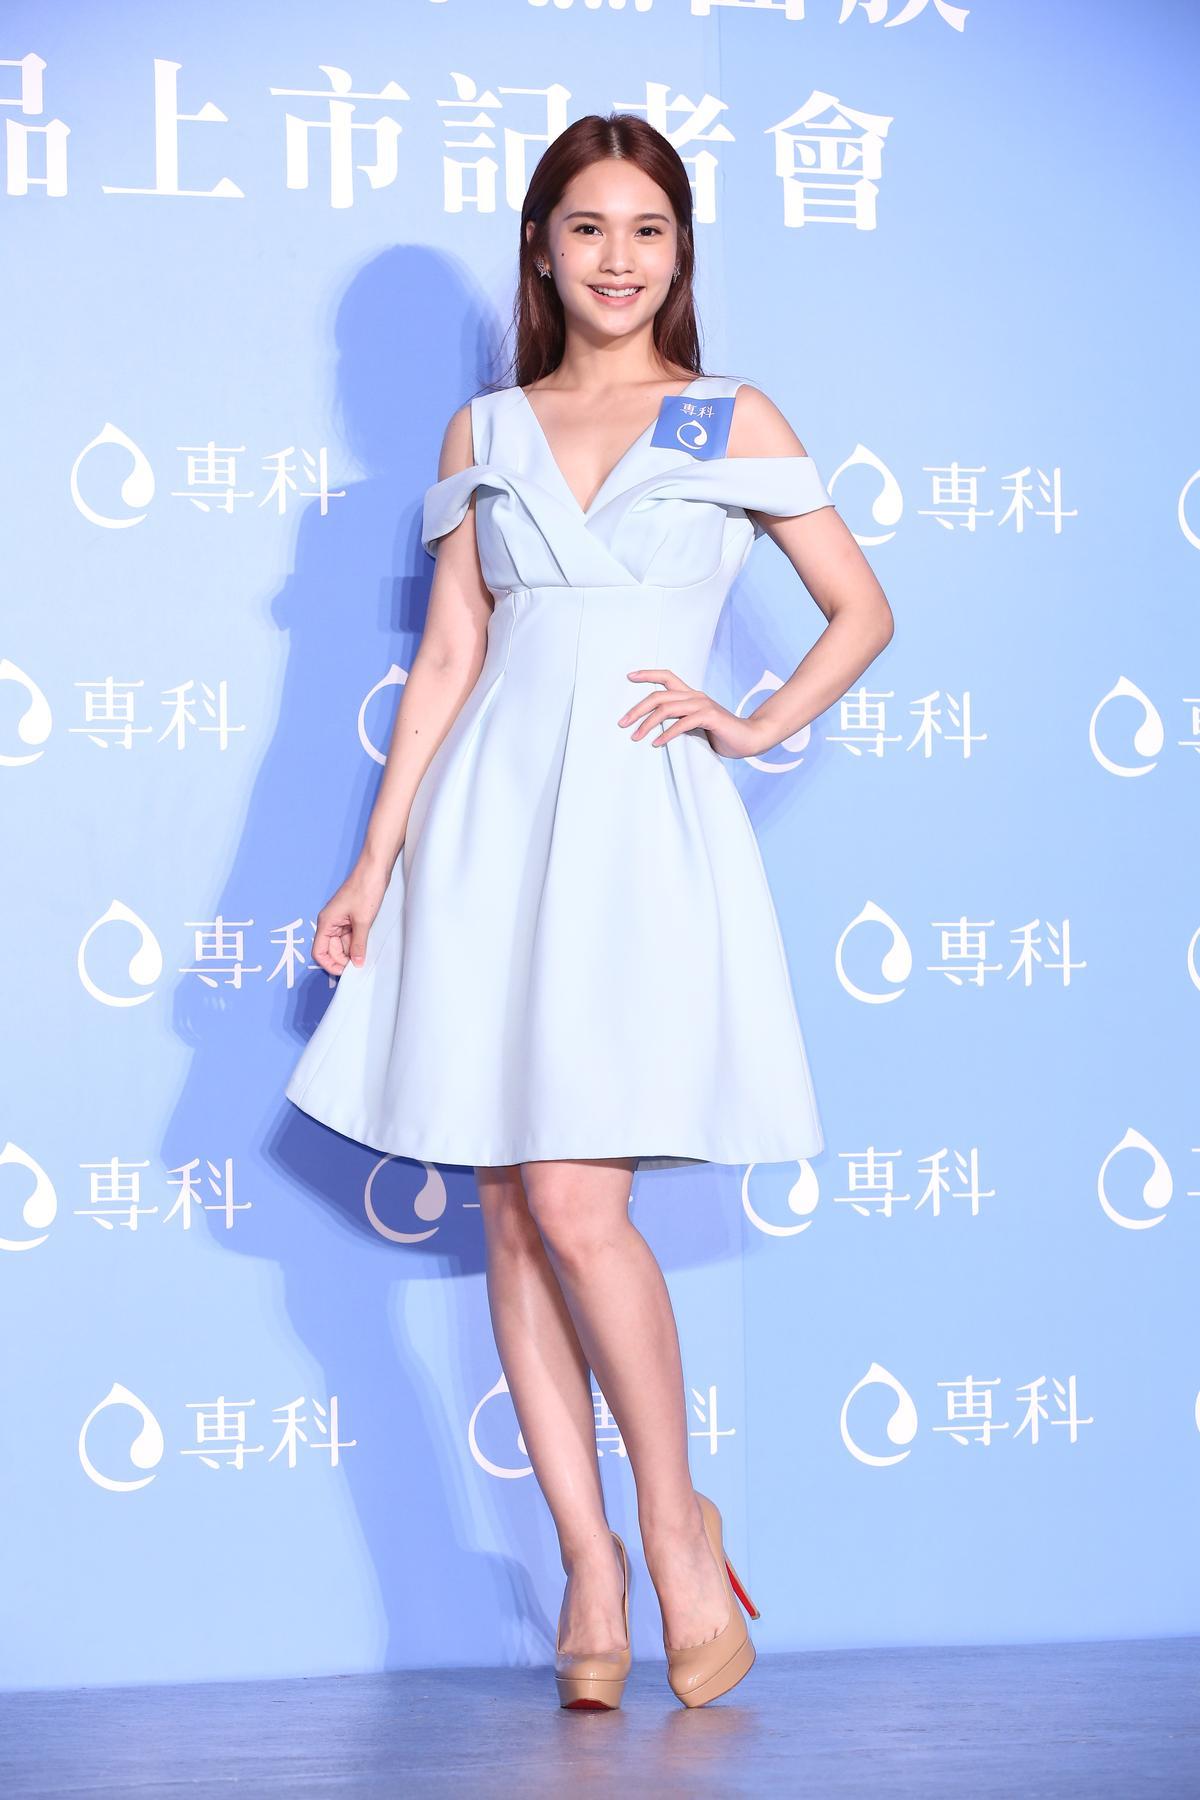 楊丞琳近日推新單曲〈青春住了誰〉,找來「蘇打錄」主唱青峰寫歌。